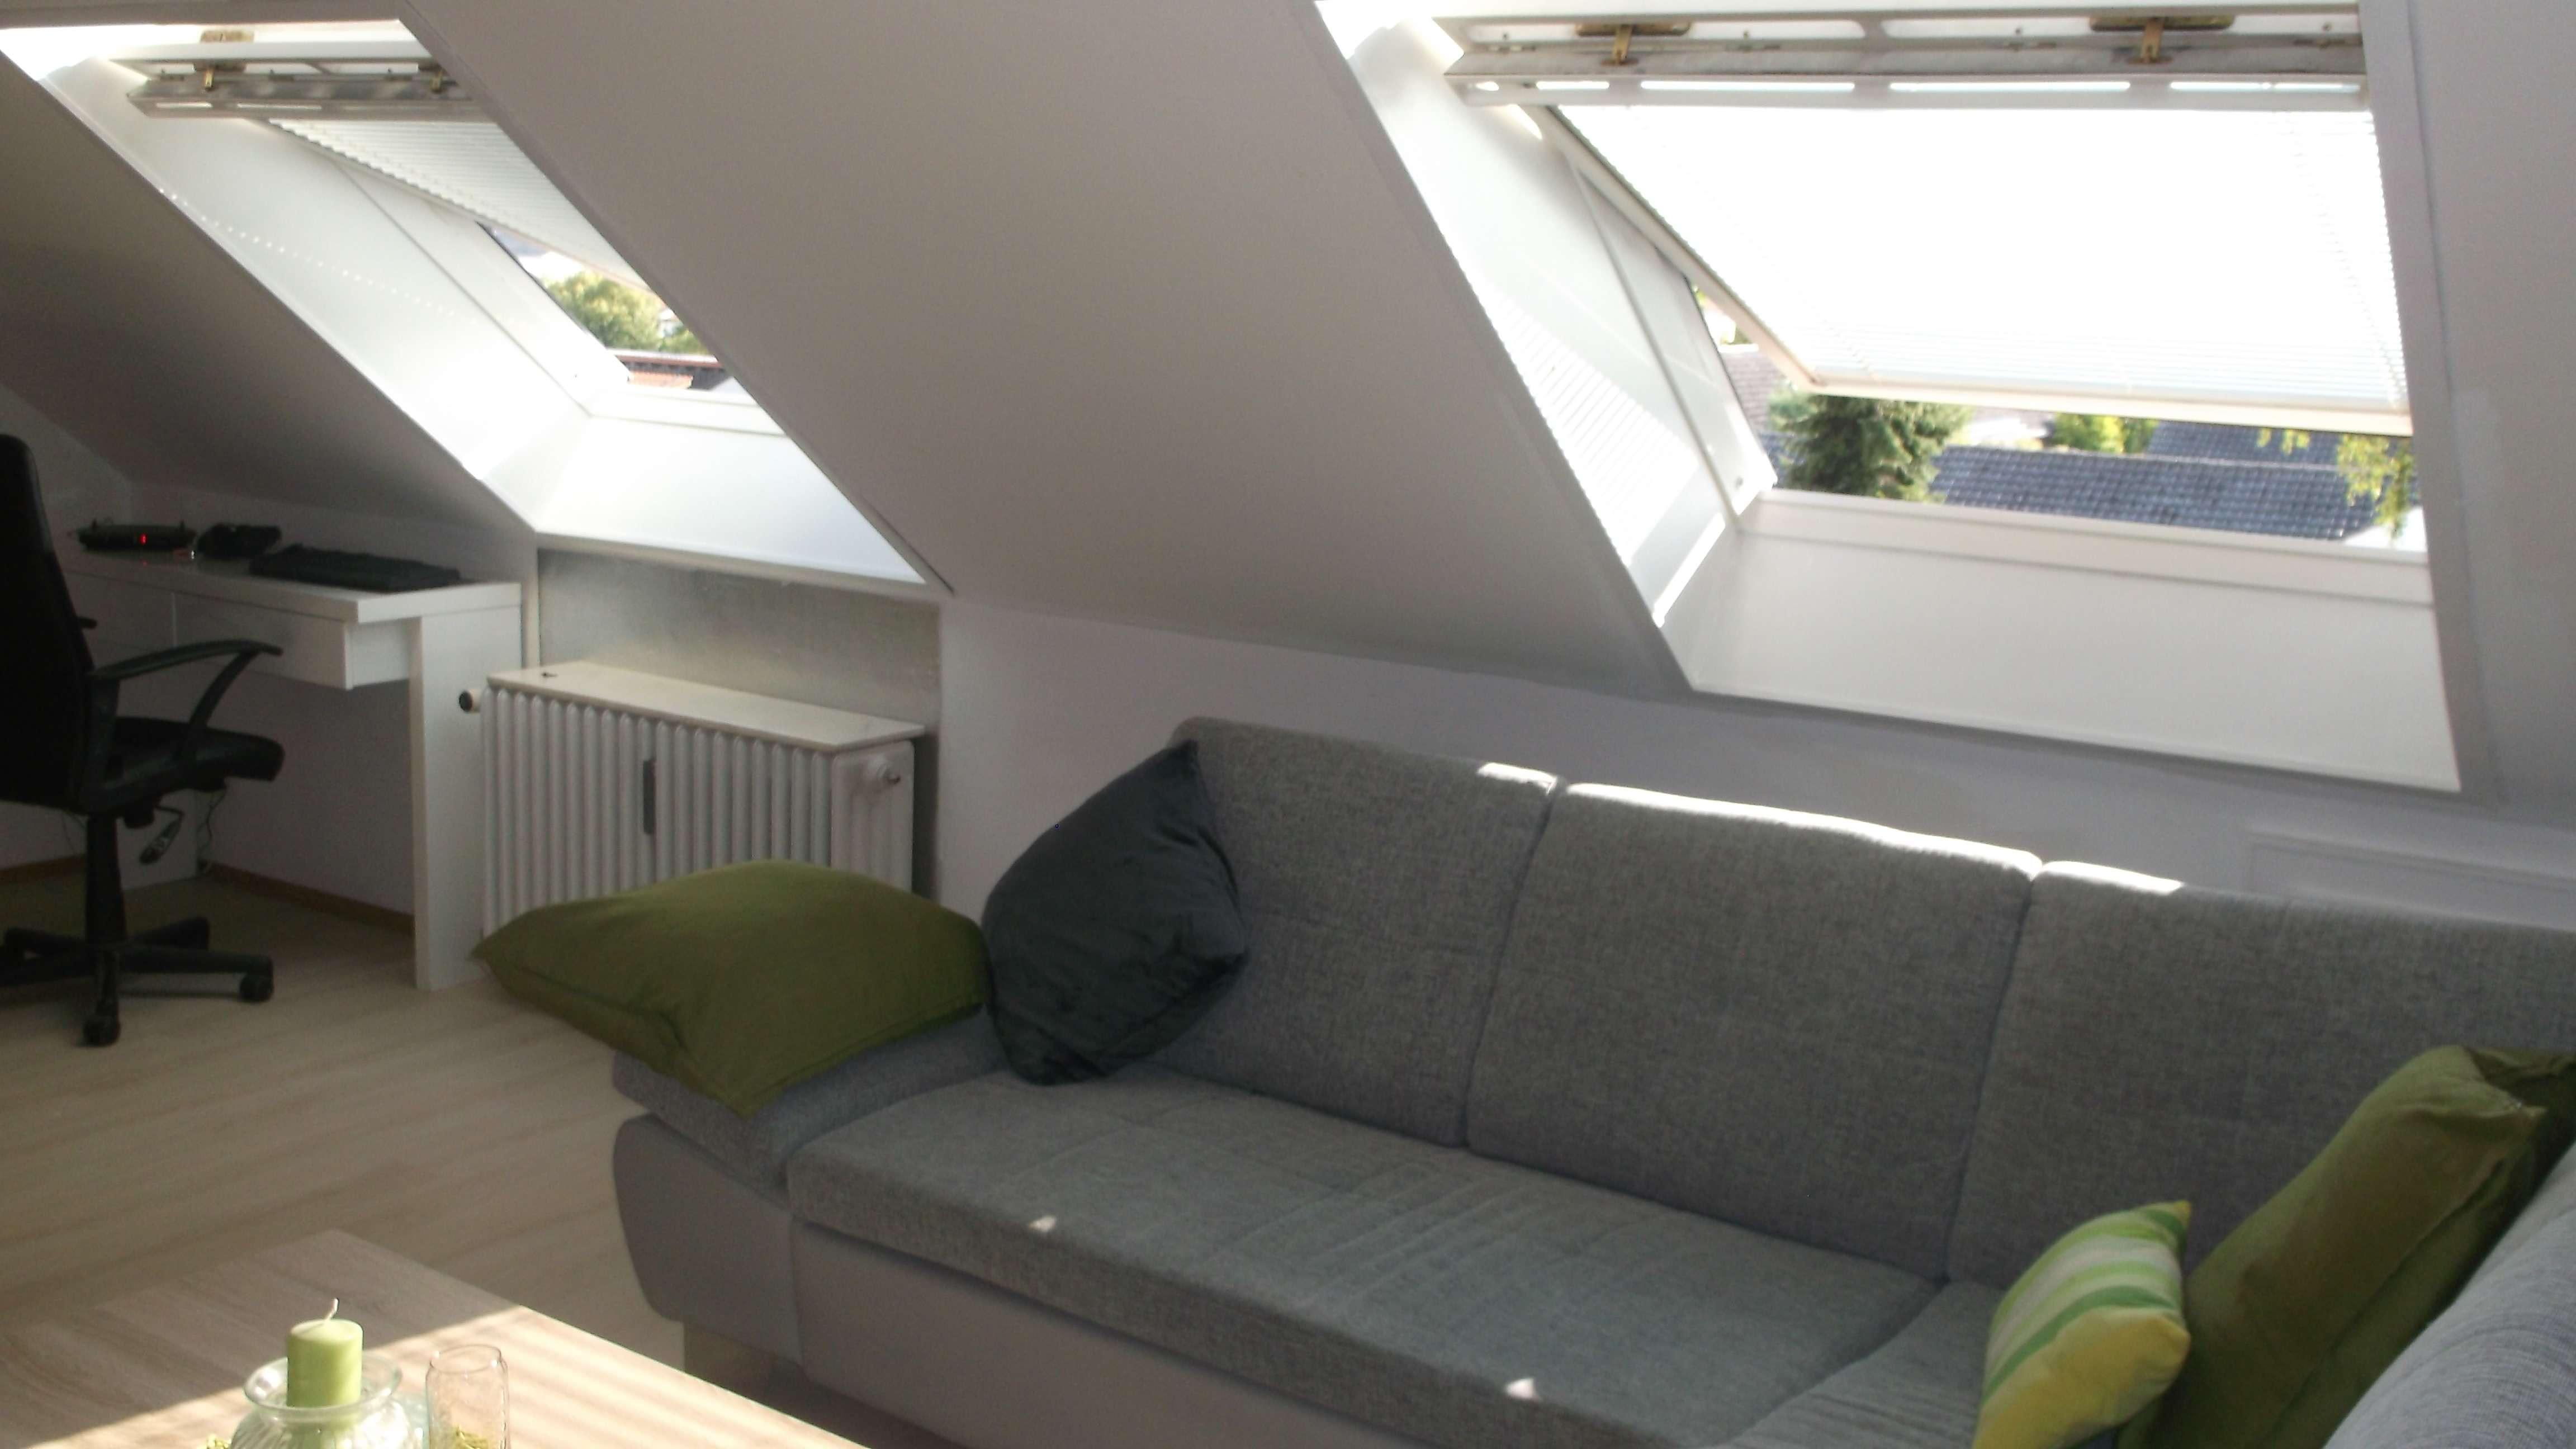 Schöne, geräumige zwei Zimmer Wohnung in Freising (Kreis), Neufahrn bei Freising